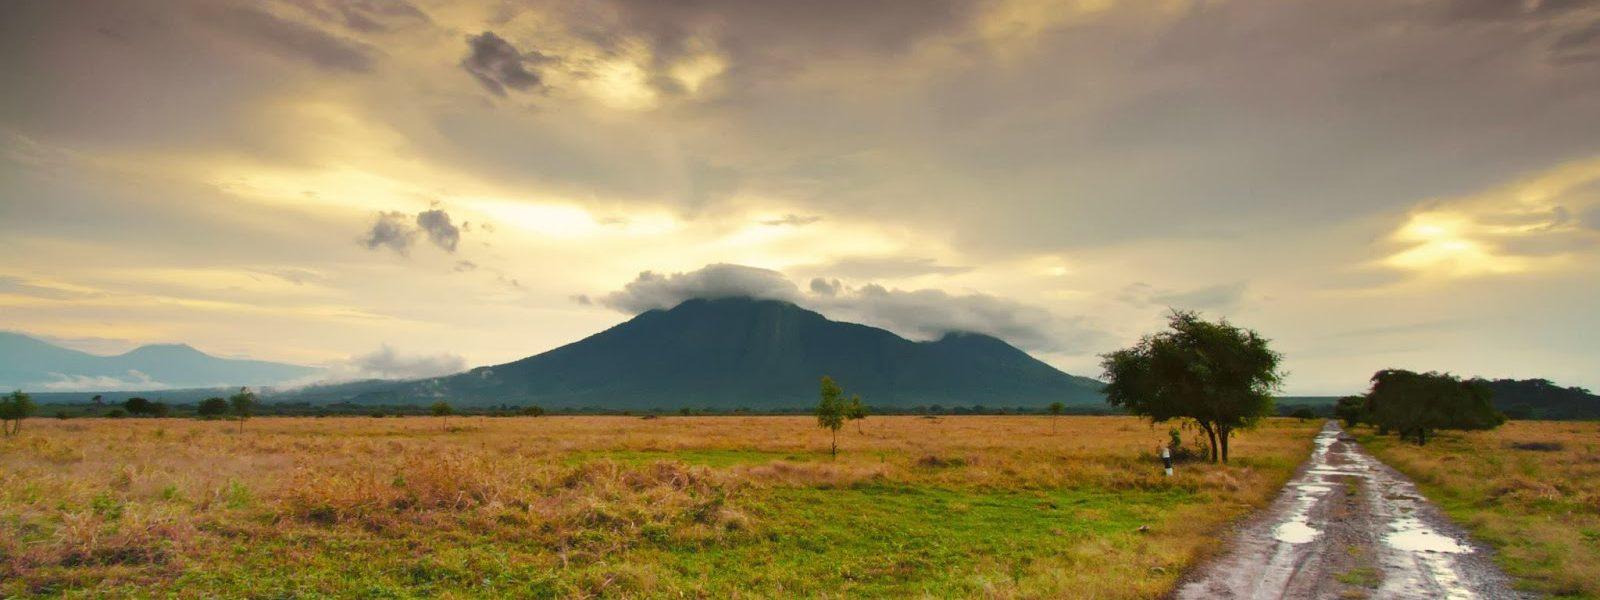 Taman Nasional Baluran Jawa Timur